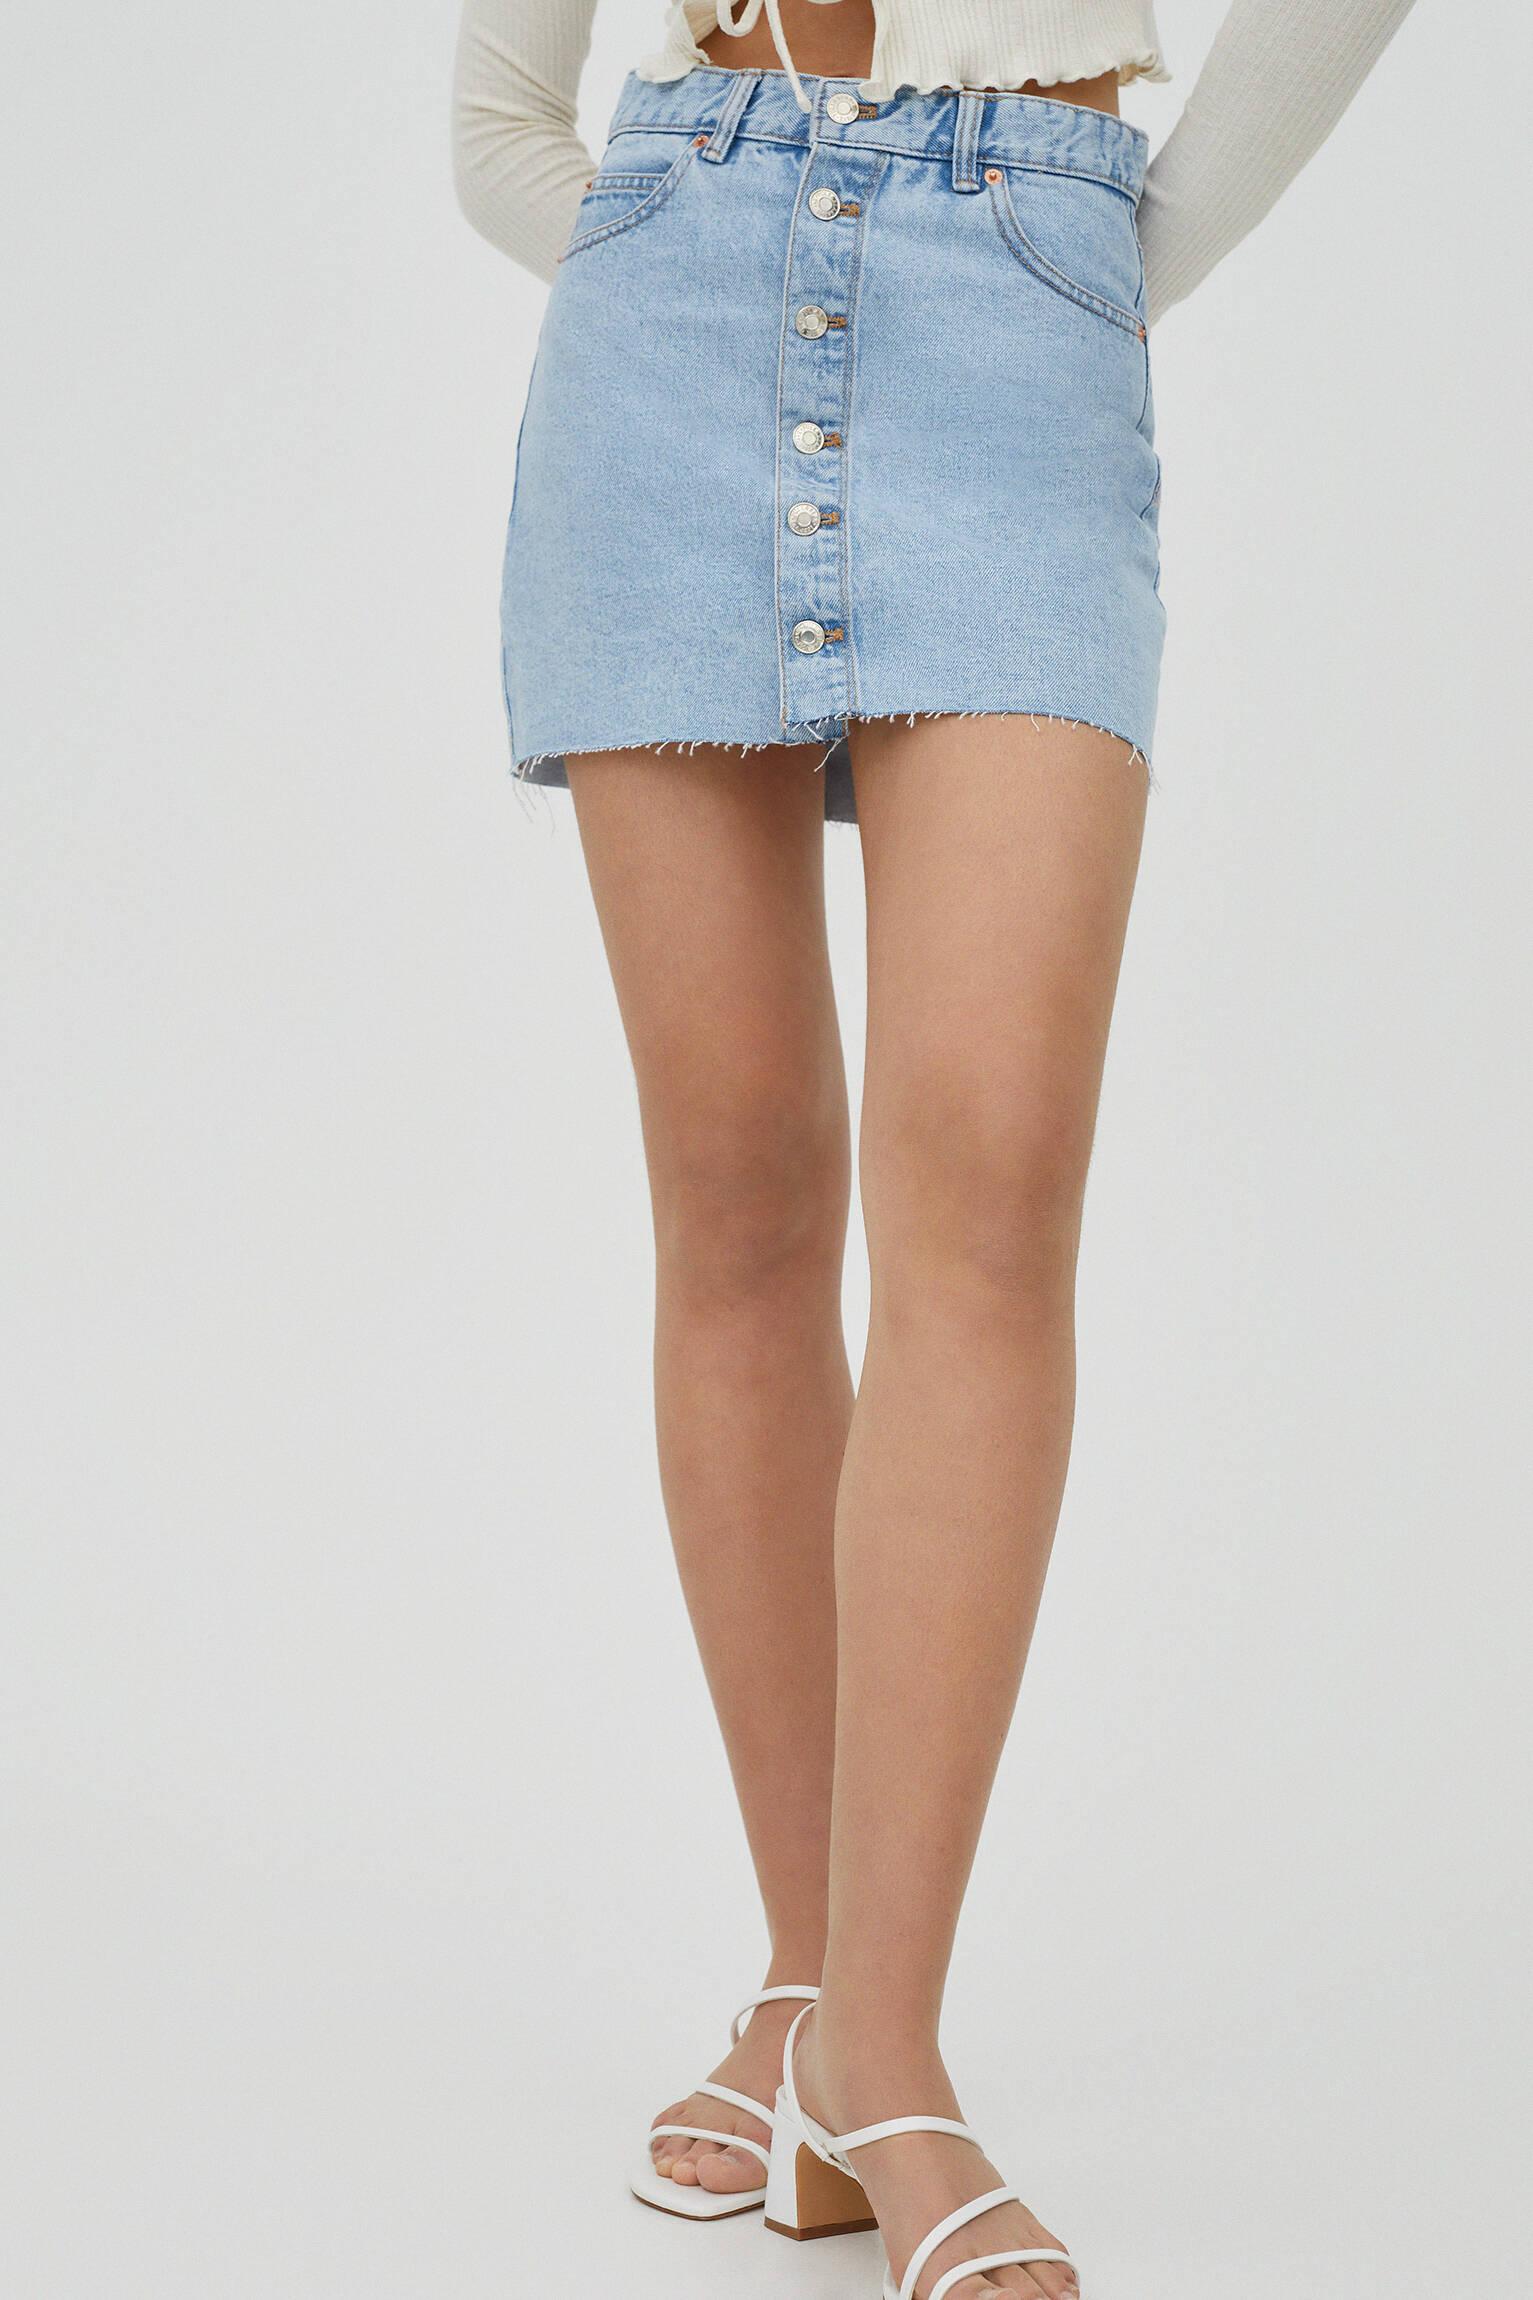 Джинсовая мини-юбка с пуговицами - не менее 50% органического хлопка Синий Pull & Bear